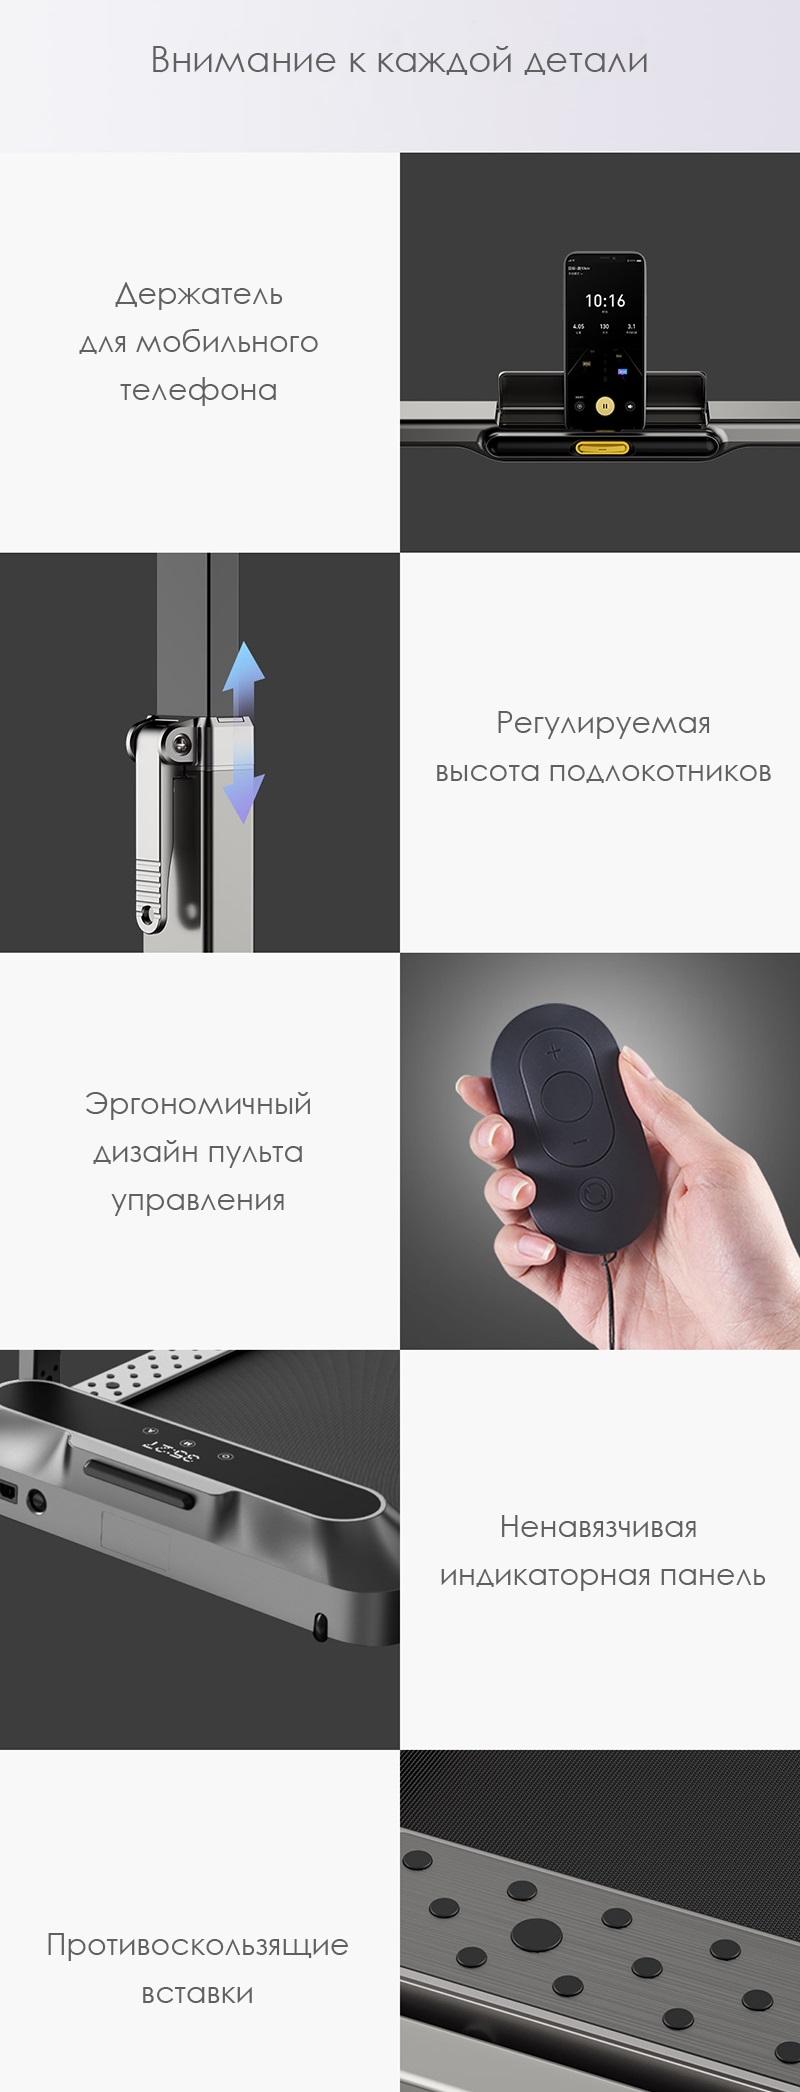 Электрическая беговая дорожка Xiaomi WalkingPad R2 (Русская версия) robot4home.ru